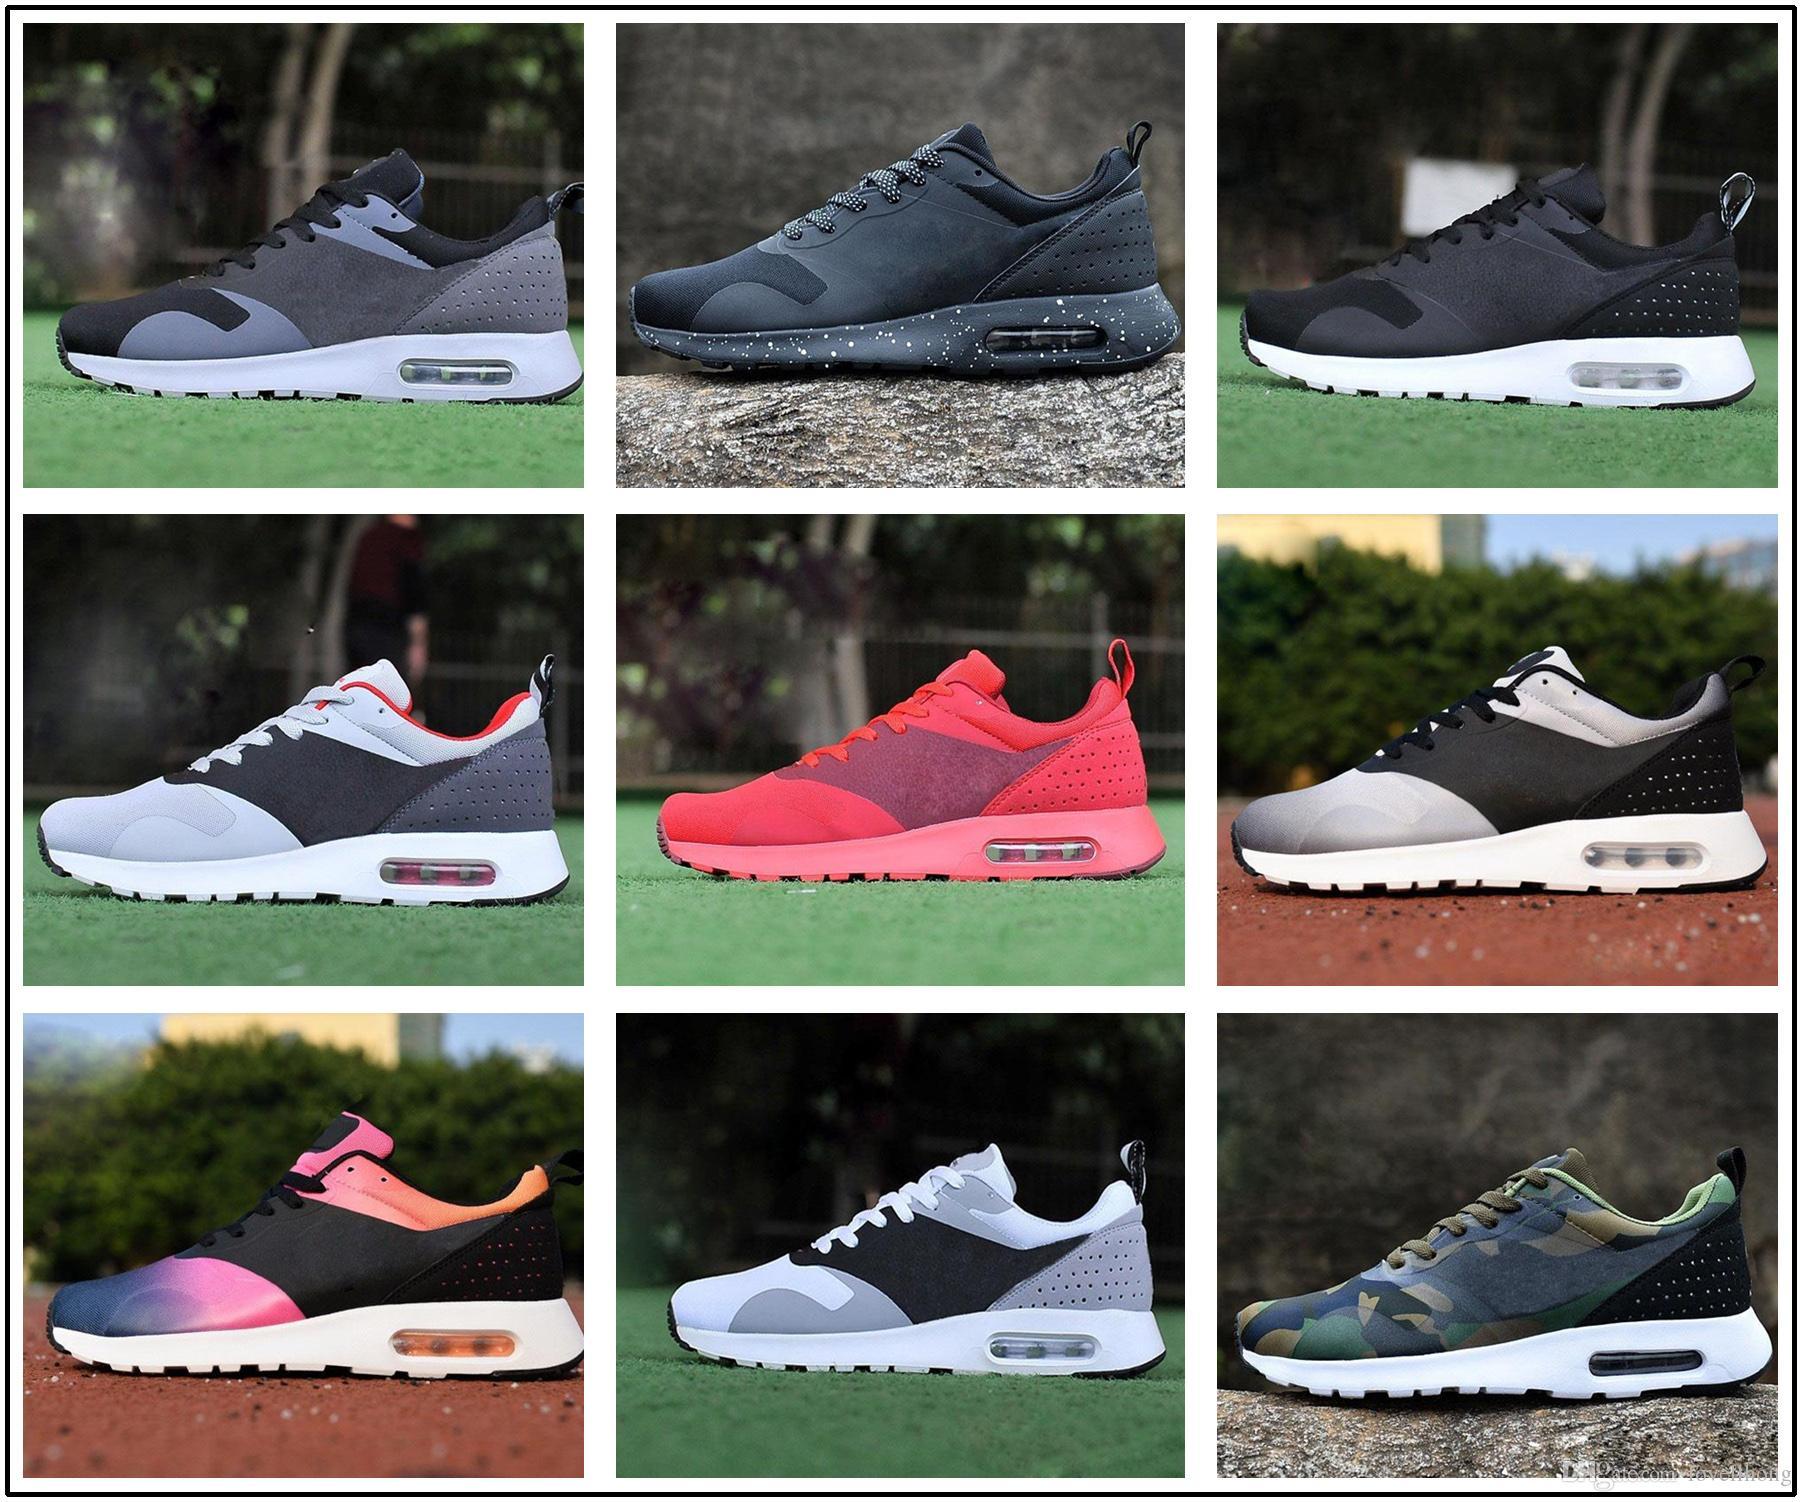 new concept fab77 701bf Acquista 2018 Nike Air Max 1 87 90 AirMax Alta Qualità Nuova Thea 87 90 AS  Tavas Sneakers Uomo Scarpe Da Corsa Casual Scarpe Da Passeggio Zapatillas  Taglia ...